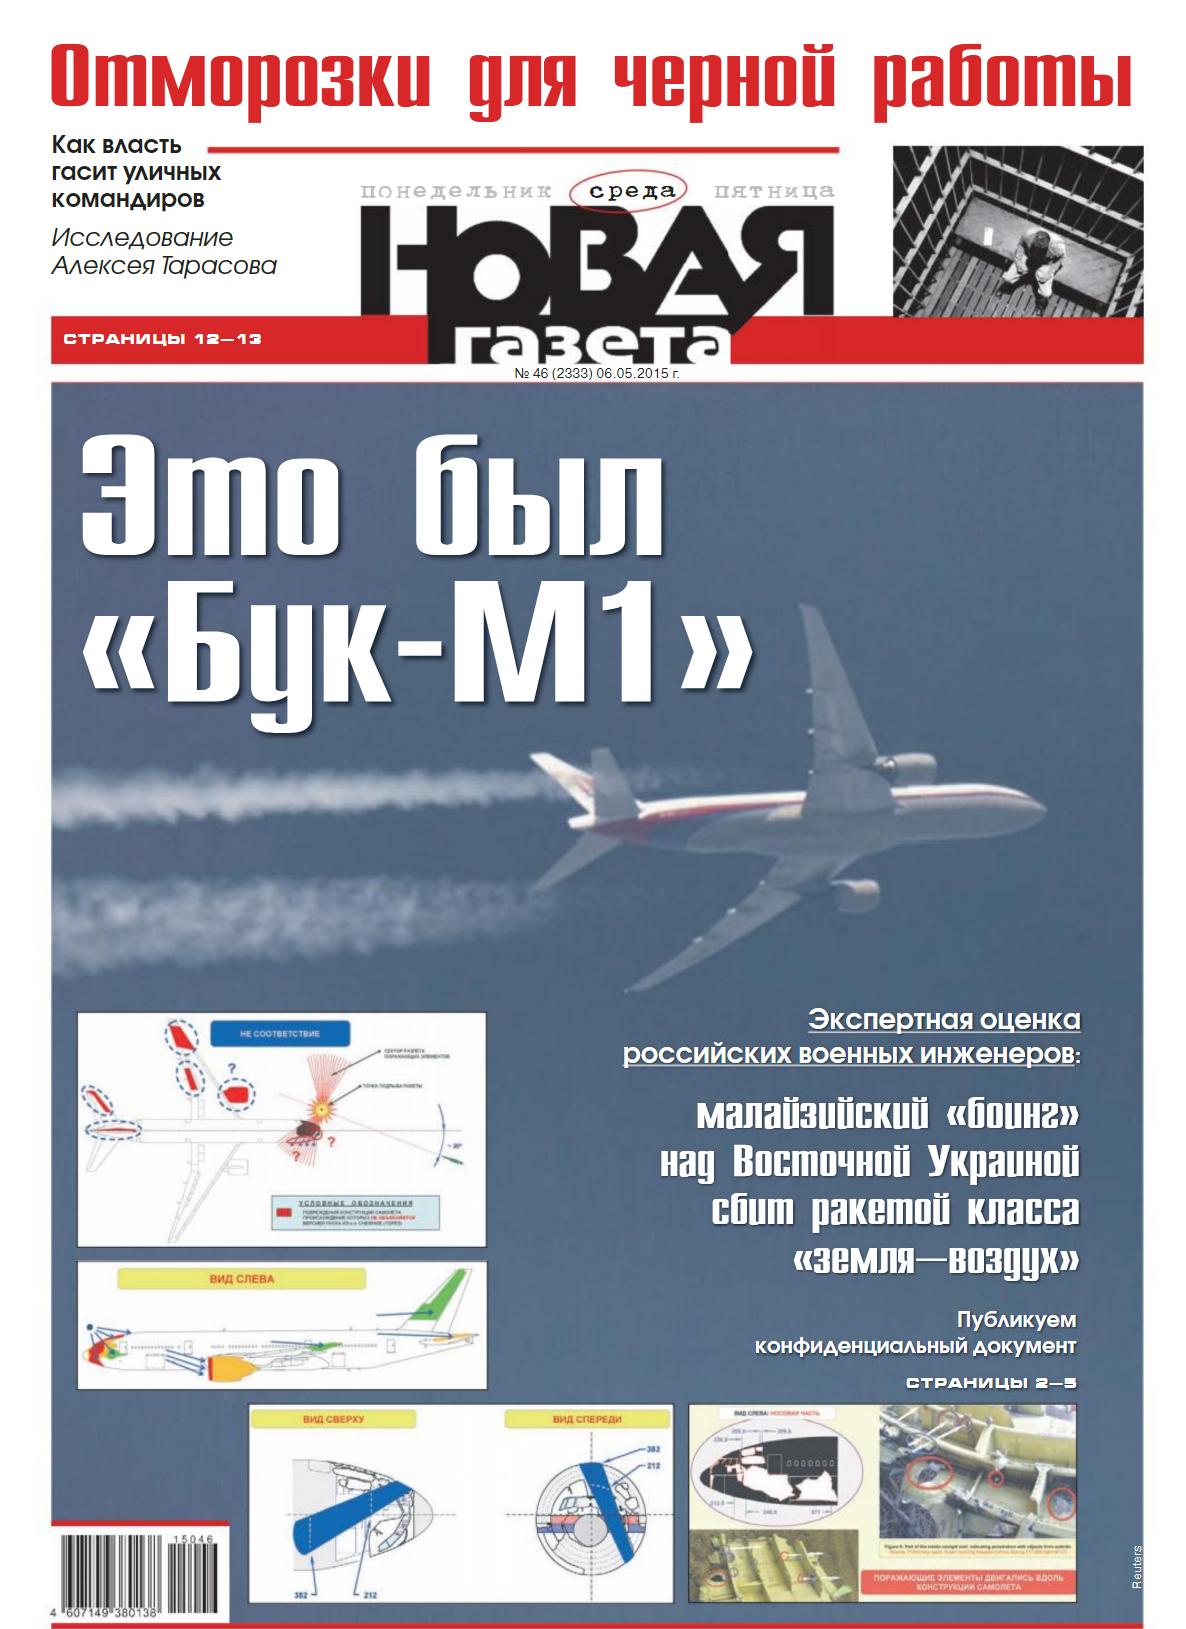 Є достатньо свідчень, що Цемах командував підрозділом ППО, коли було збито MH17, - Bellingcat - Цензор.НЕТ 955